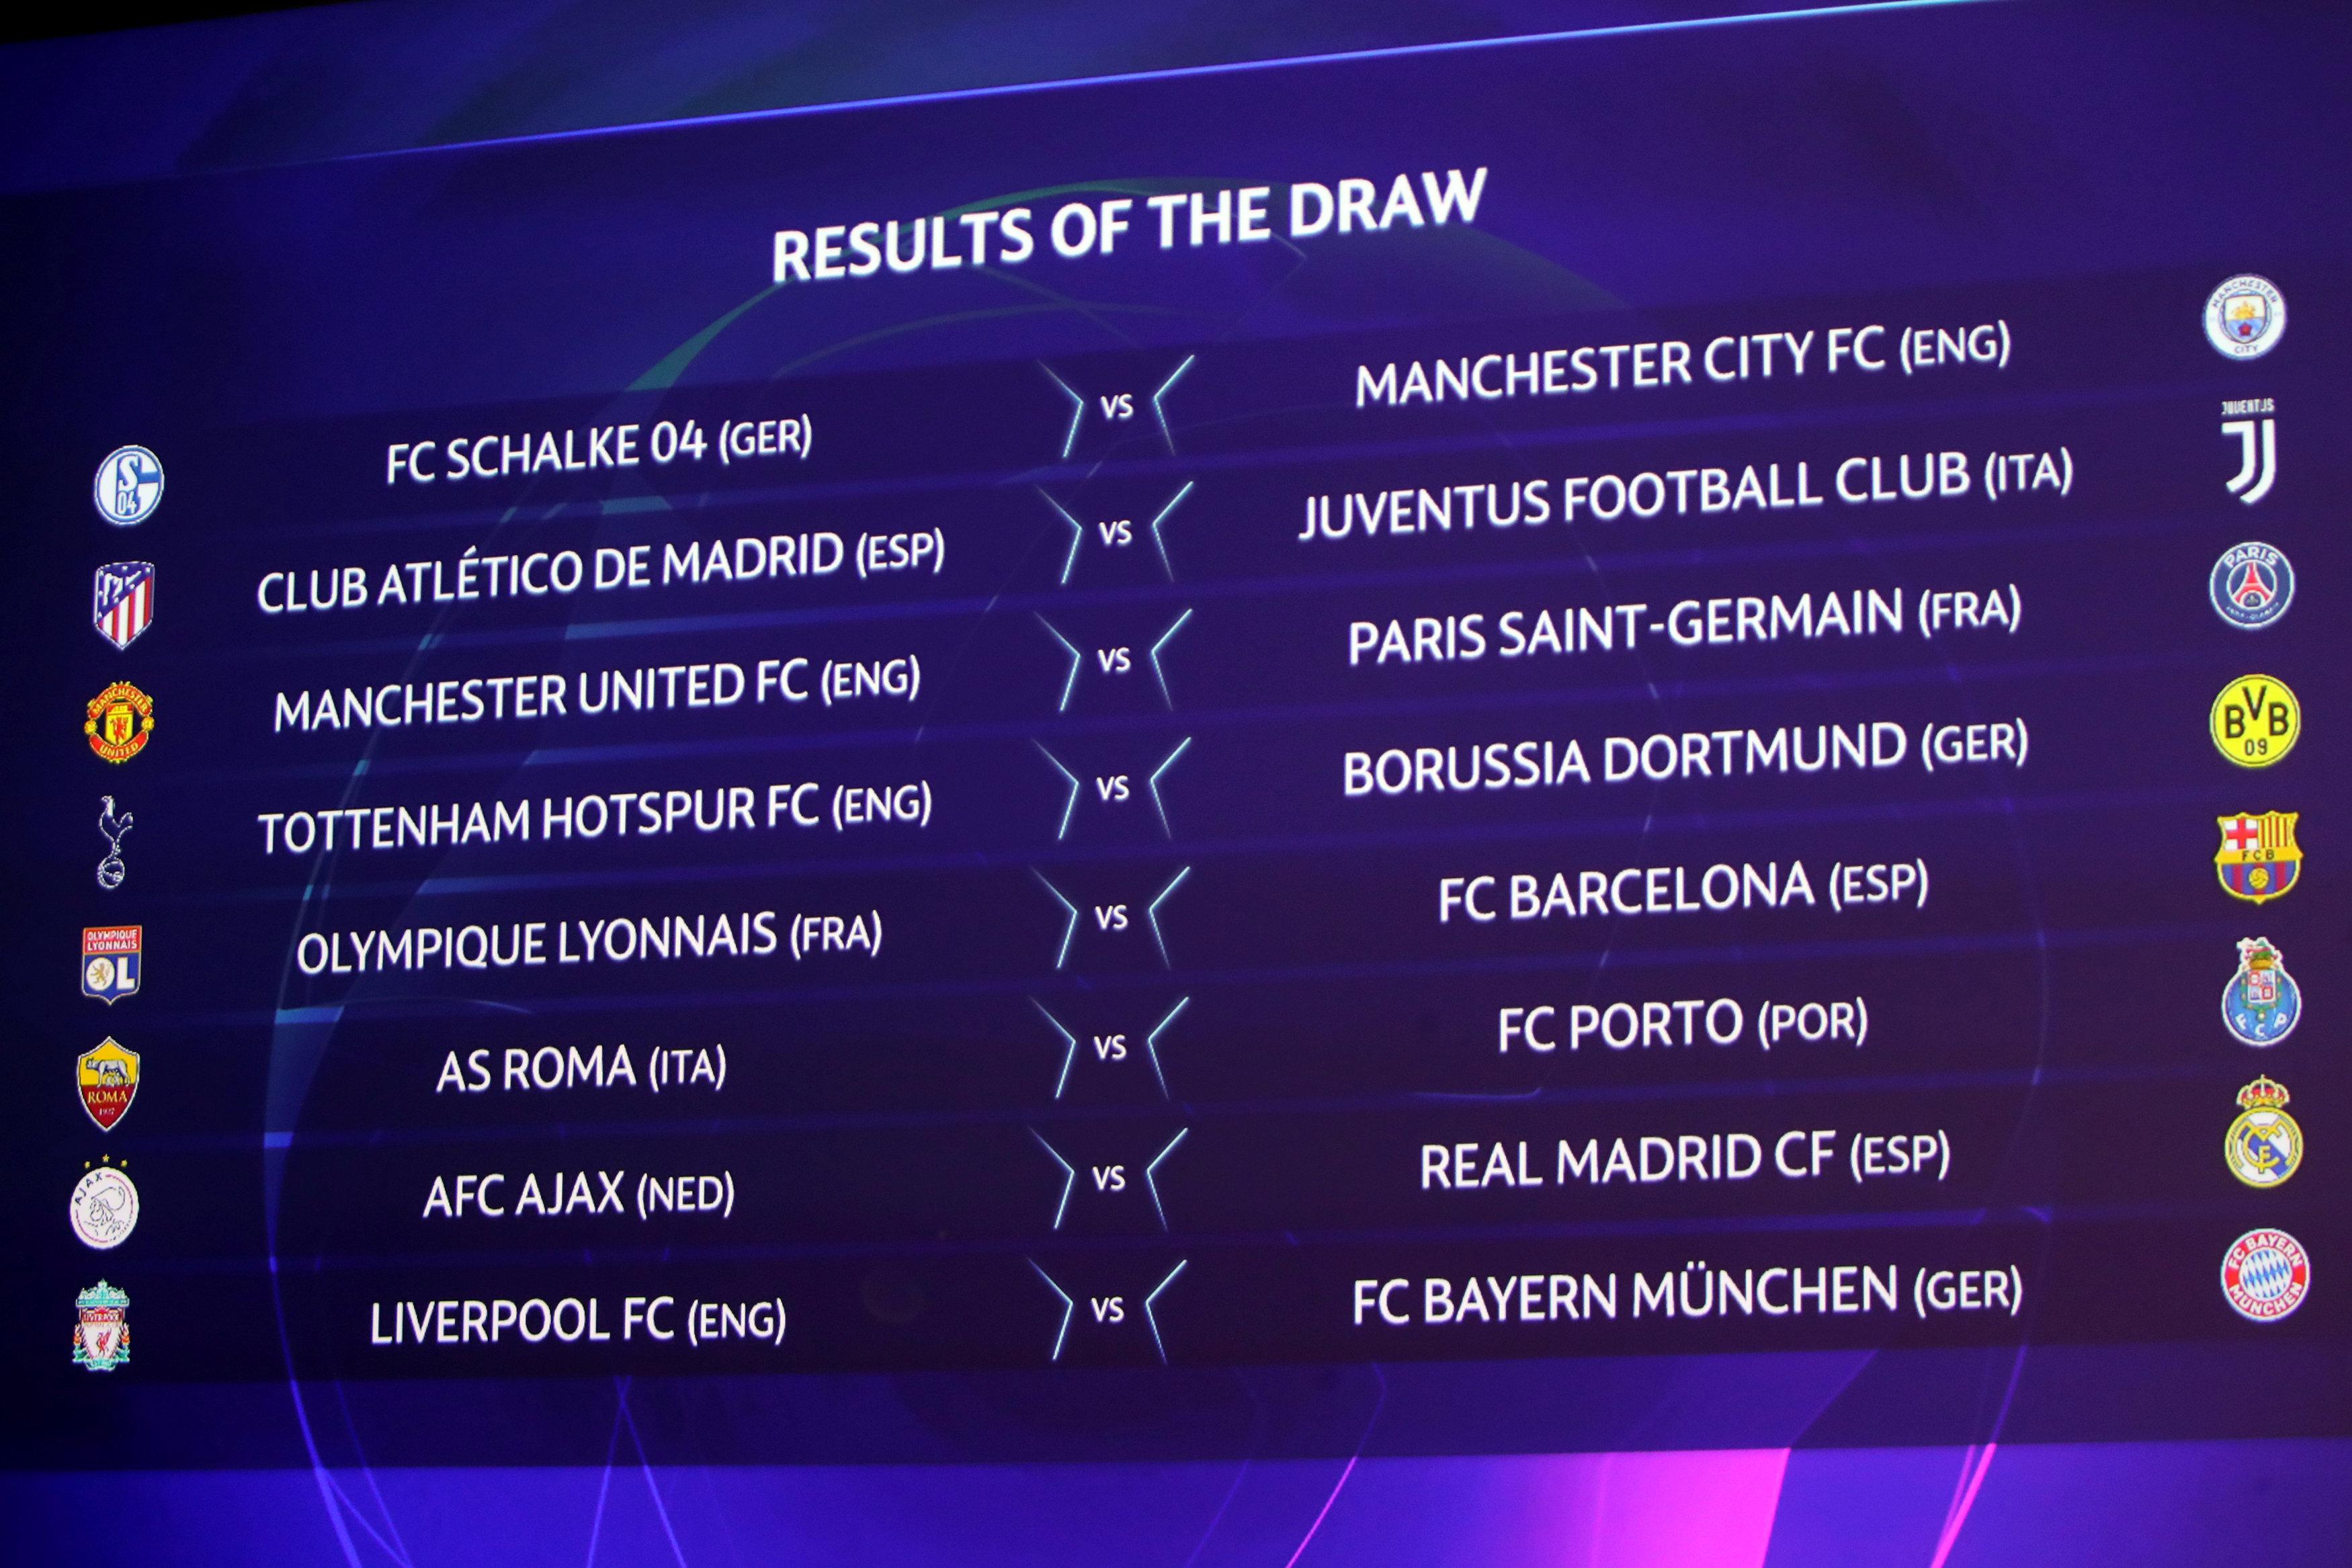 Tabela da uefa champions league 2020